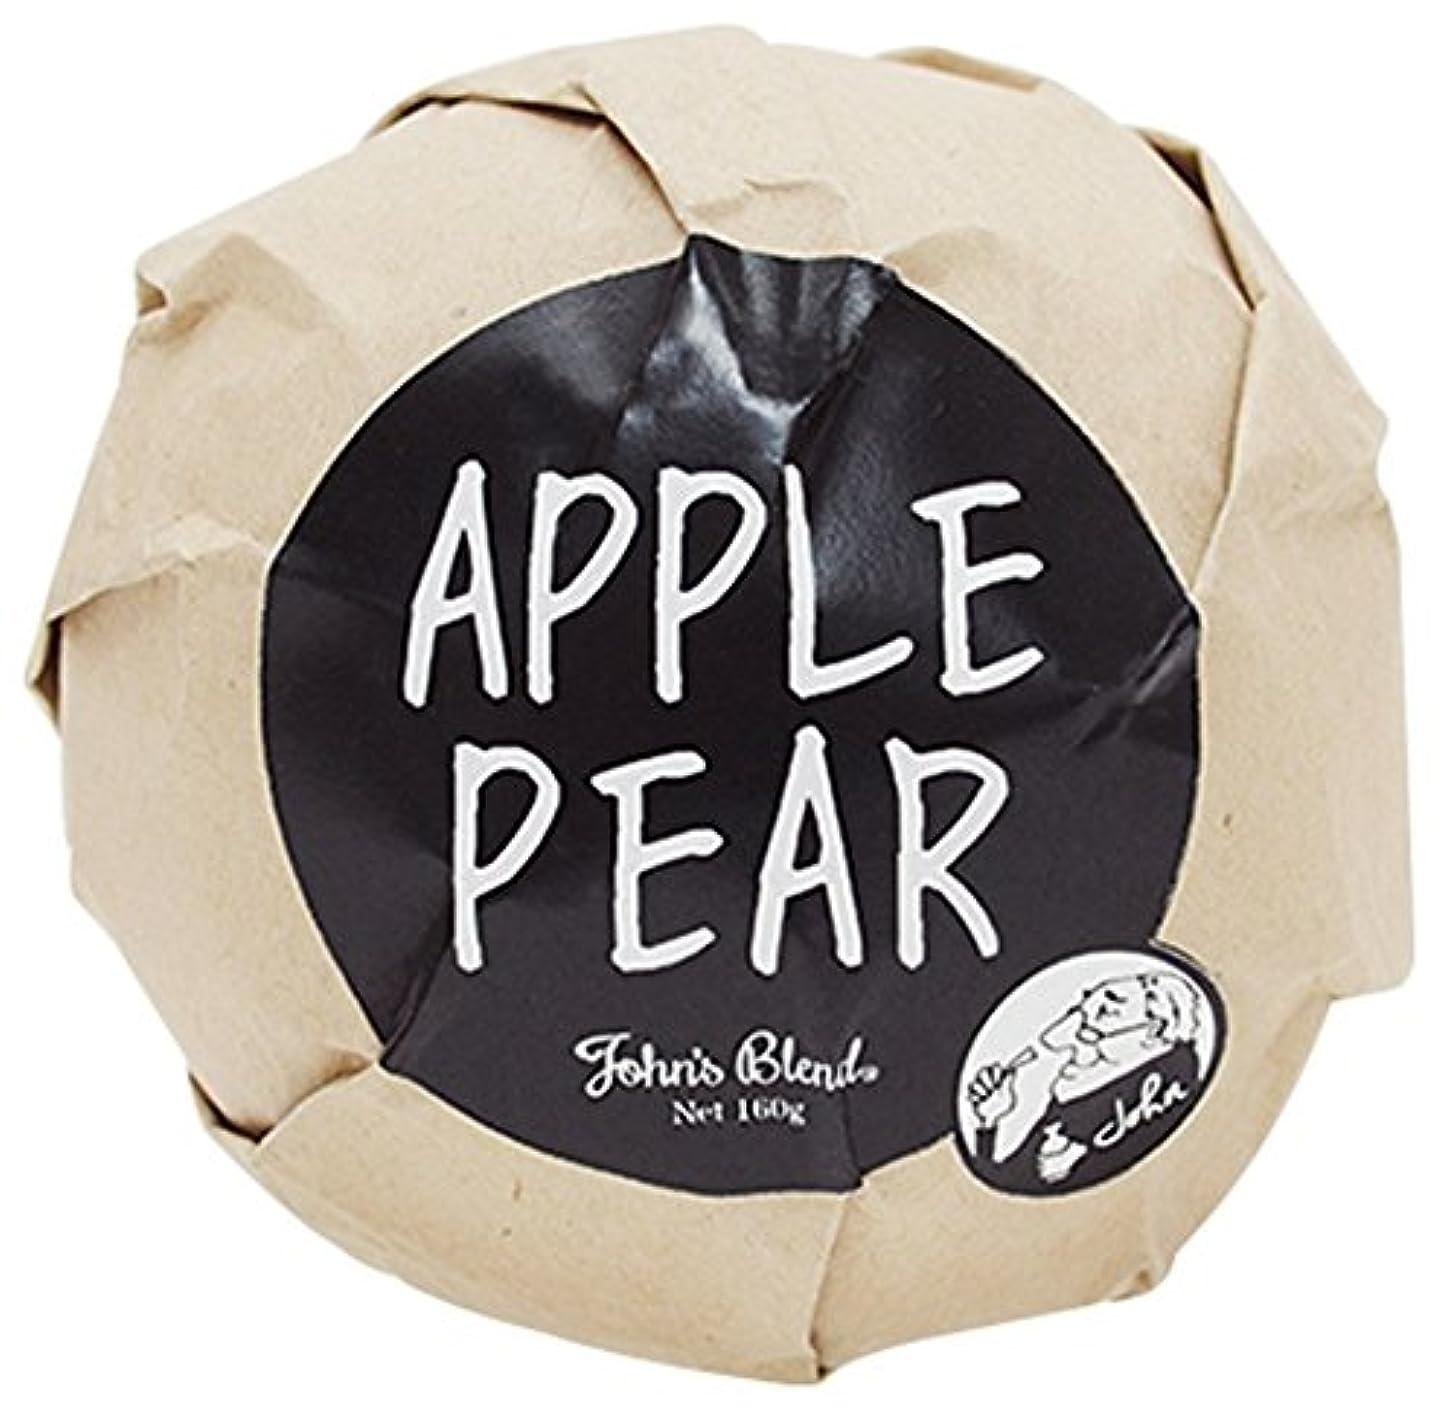 食器棚モンキー報奨金ノルコーポレーション John's Blend バスボム OB-JNB-2-2 入浴剤 アップルペアーの香り 160g